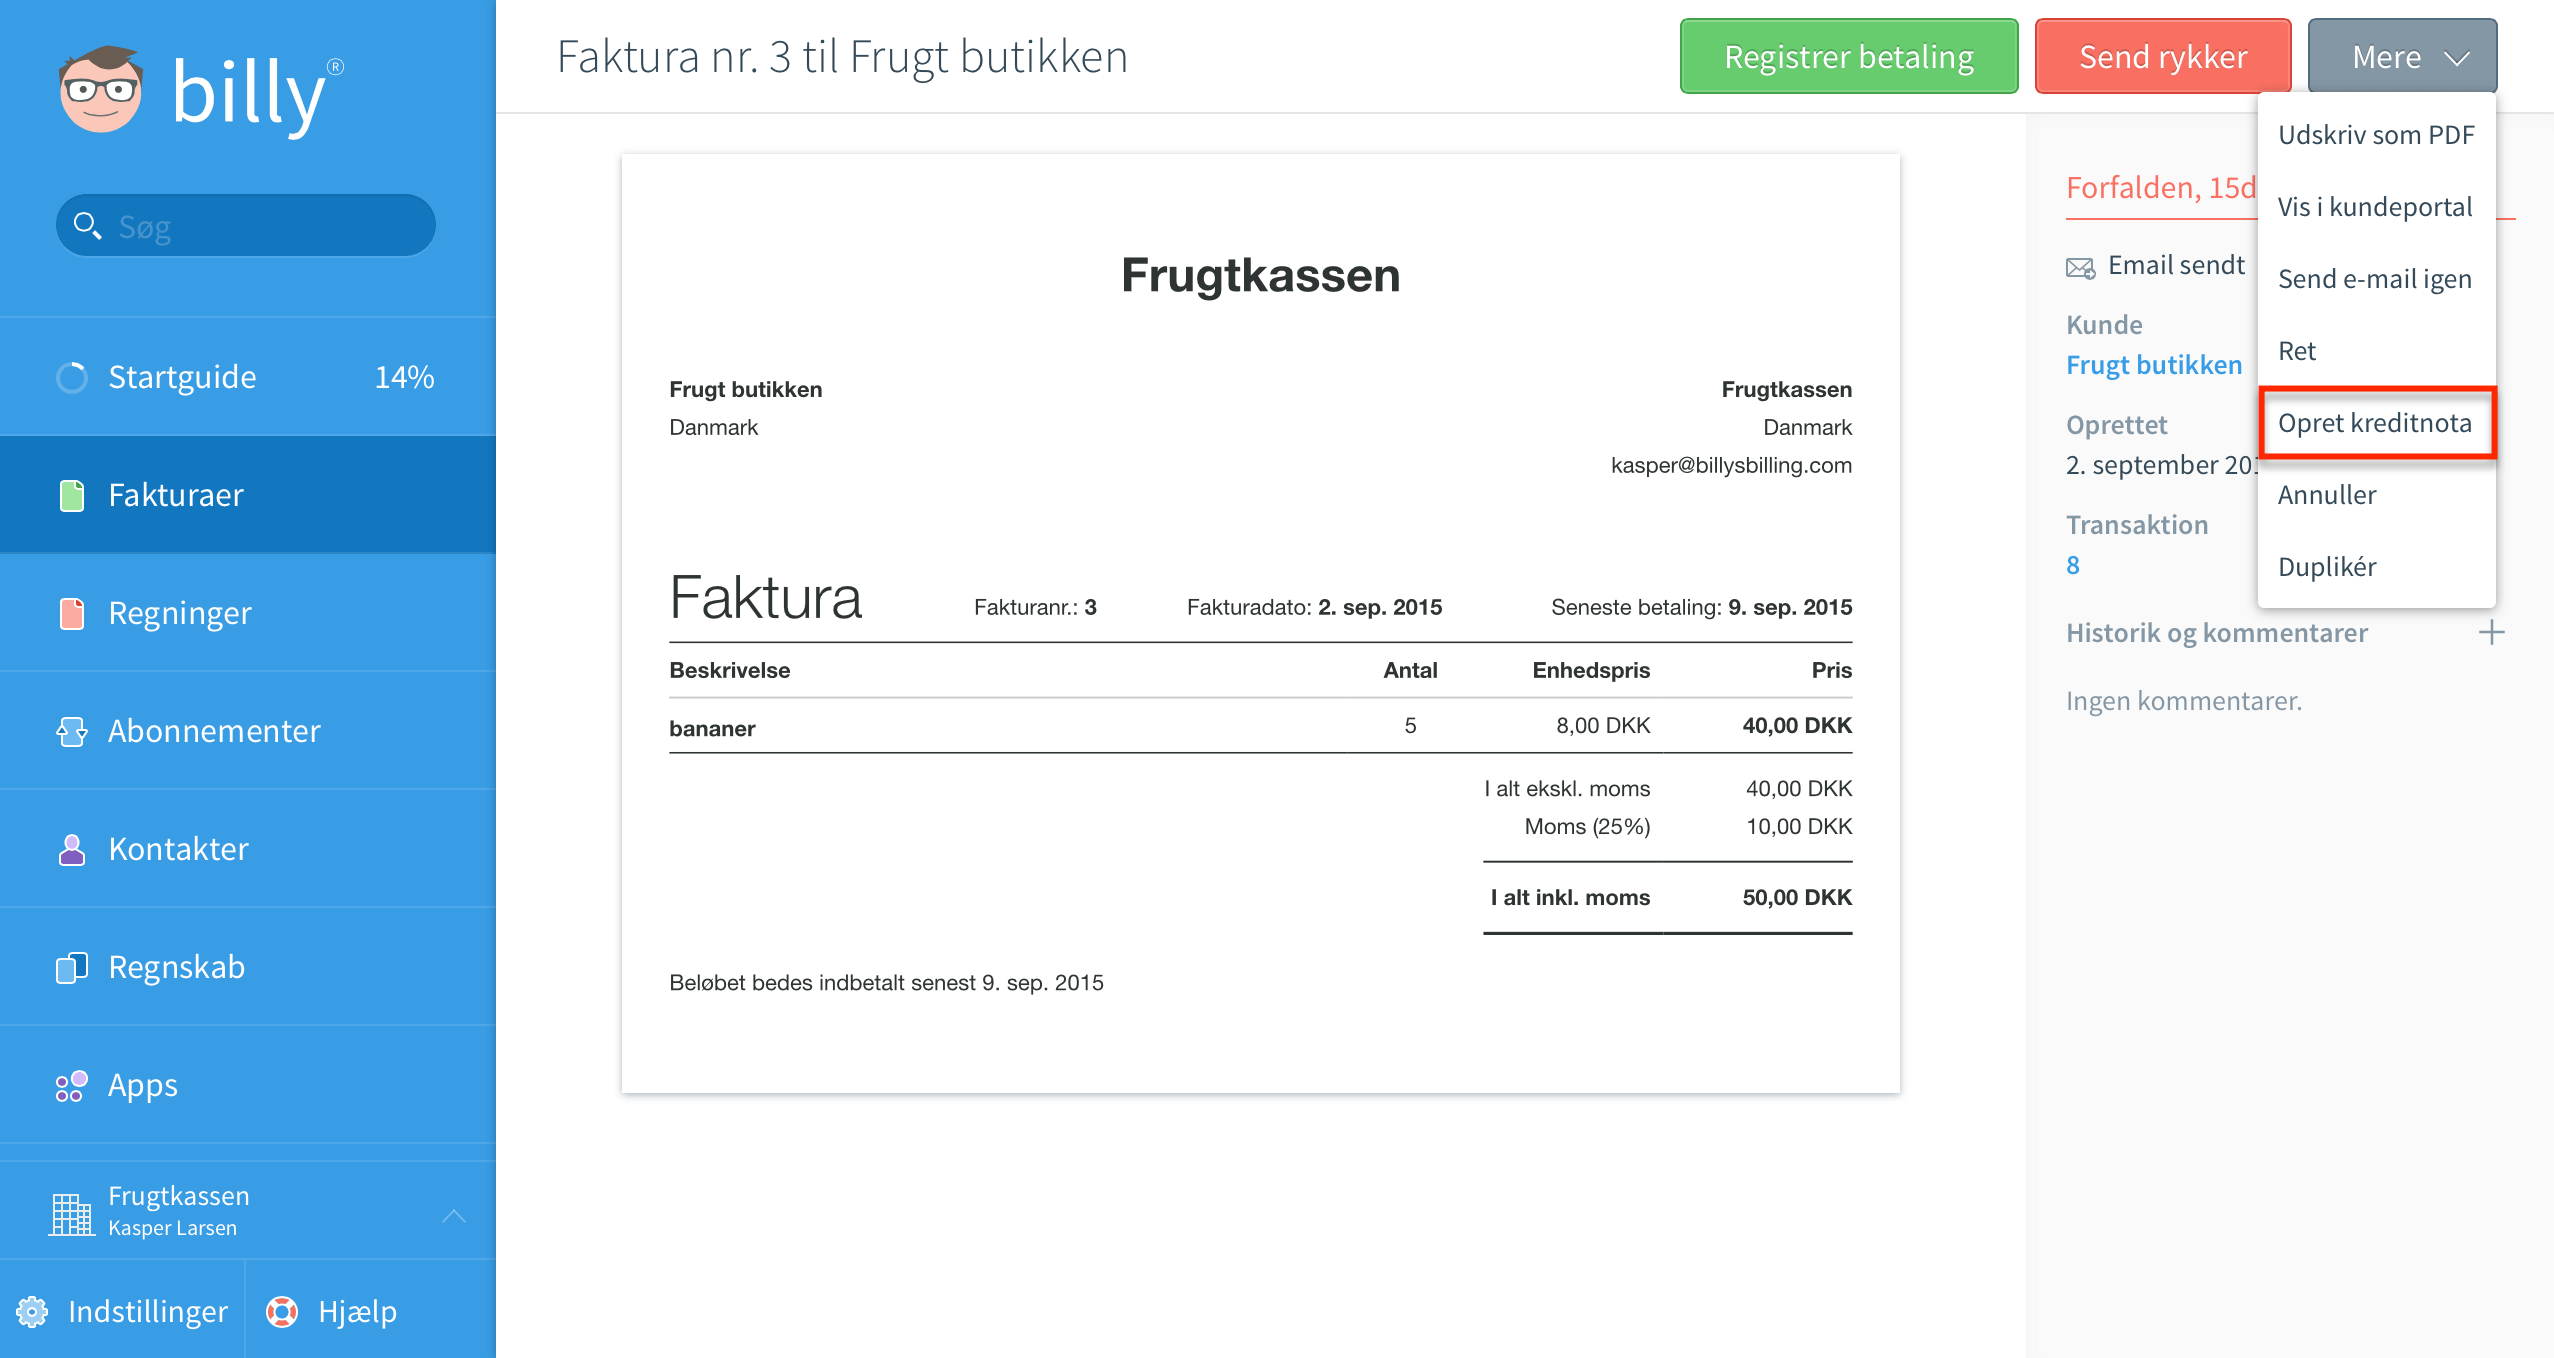 Kreditnota for en faktura